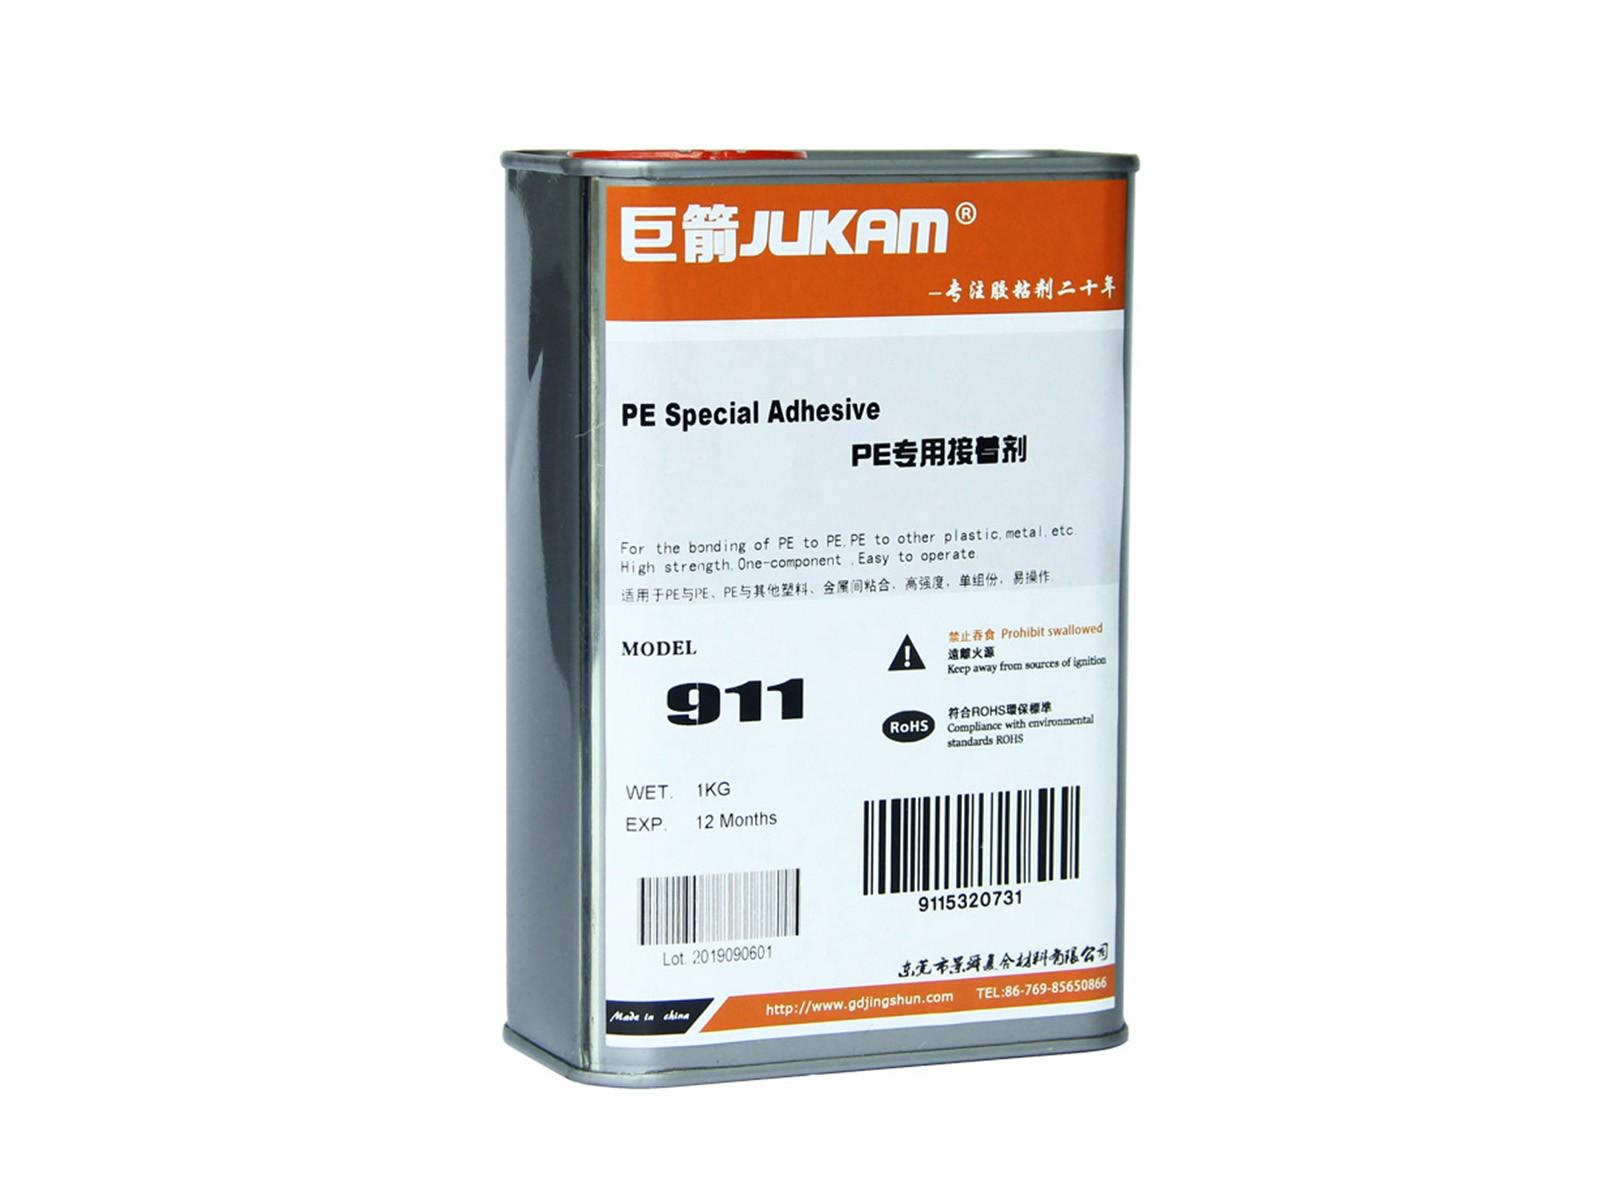 PE聚乙烯专用接着剂-911